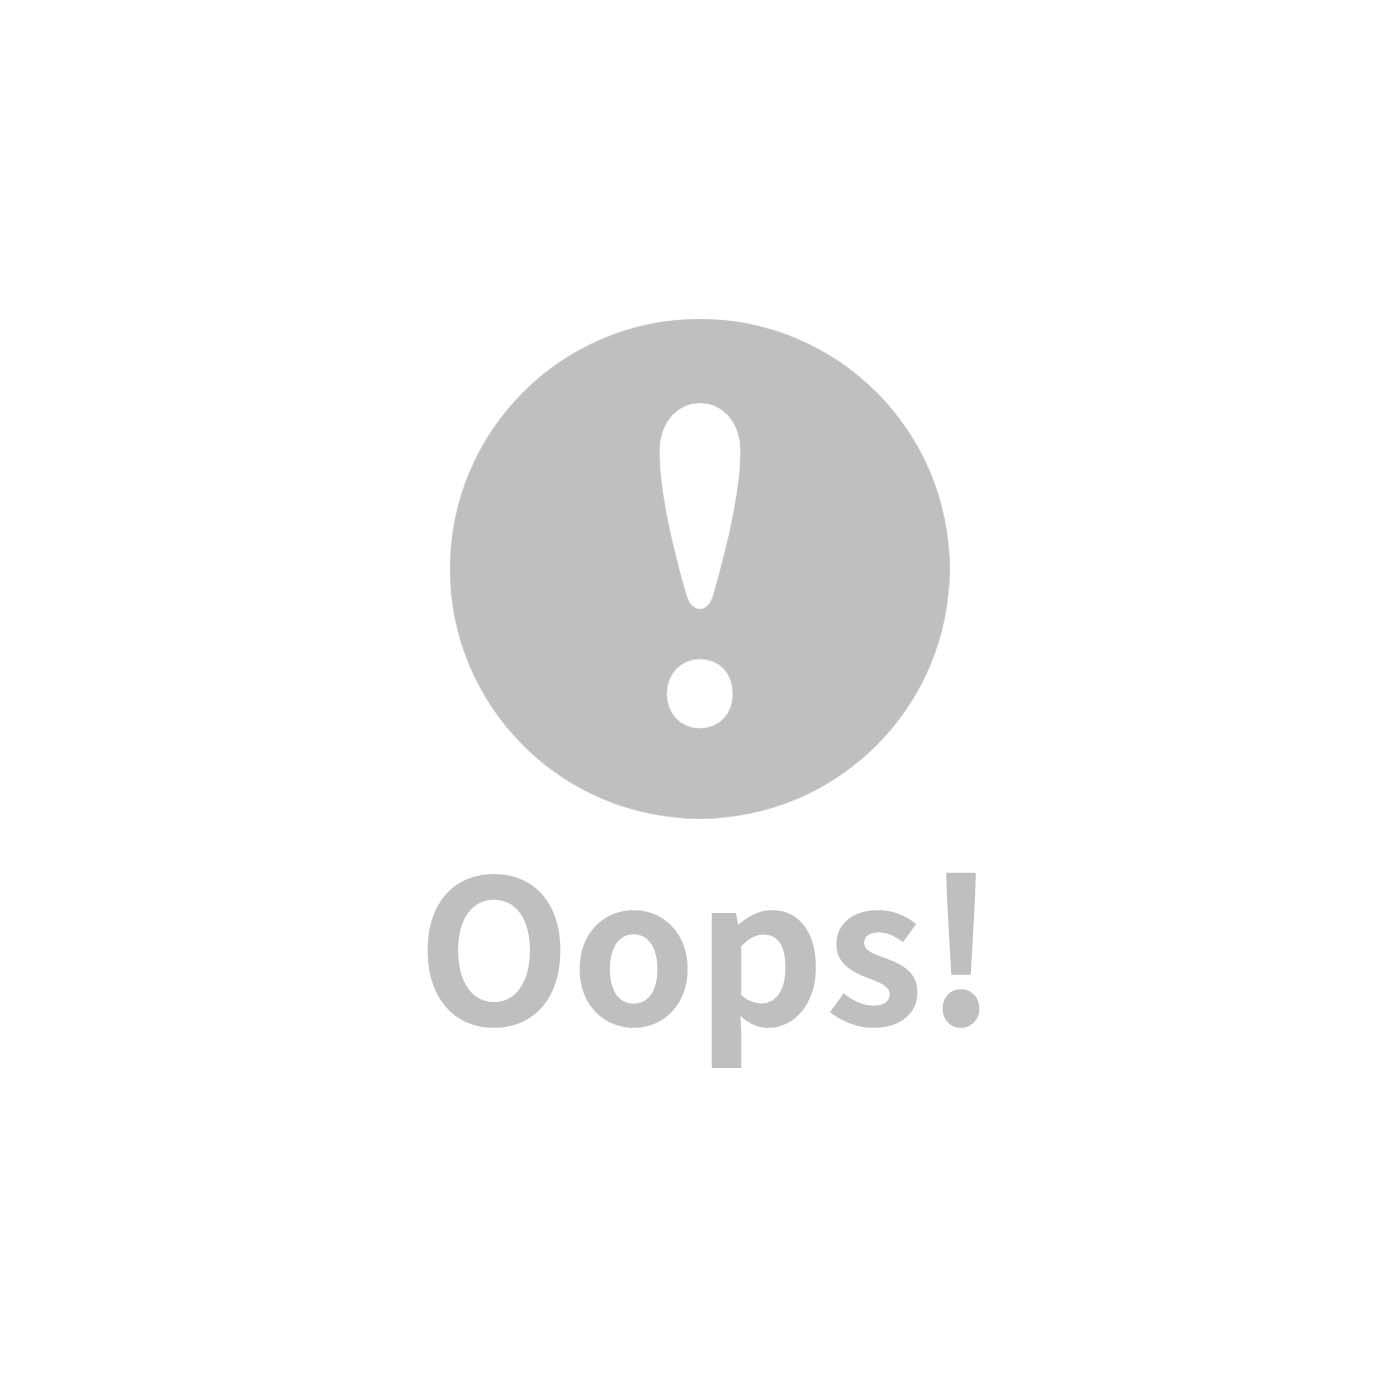 【韓國 lolbaby】Hi Jell-O涼感蒟蒻枕頭_涼嬰兒兒童枕頭(珊瑚塗鴉)